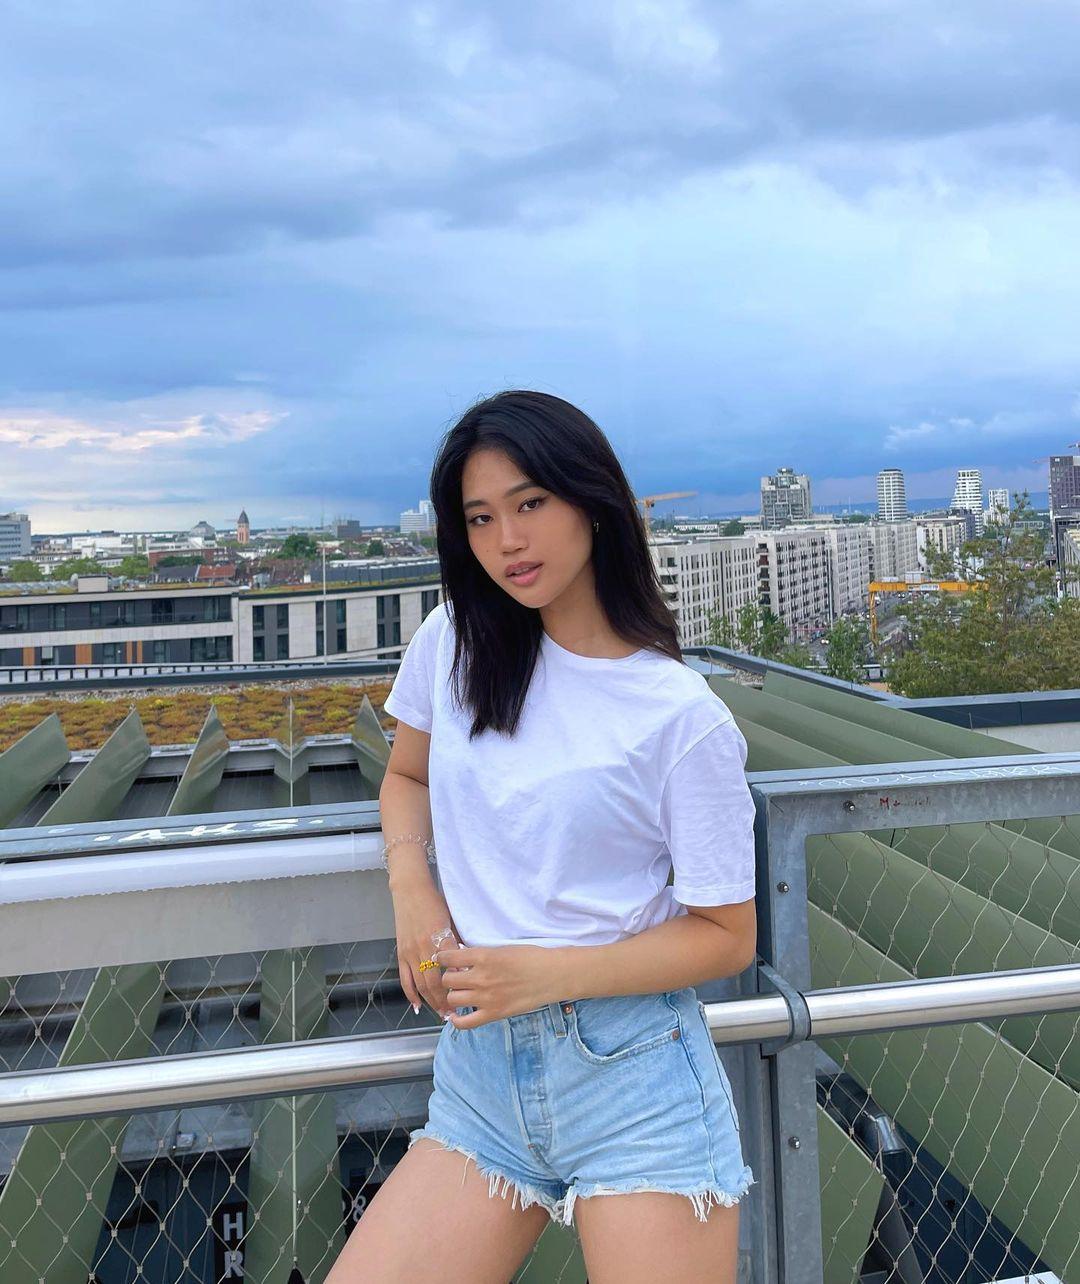 Jihoon-Kim-Wallpapers-Insta-Fit-Bio-7